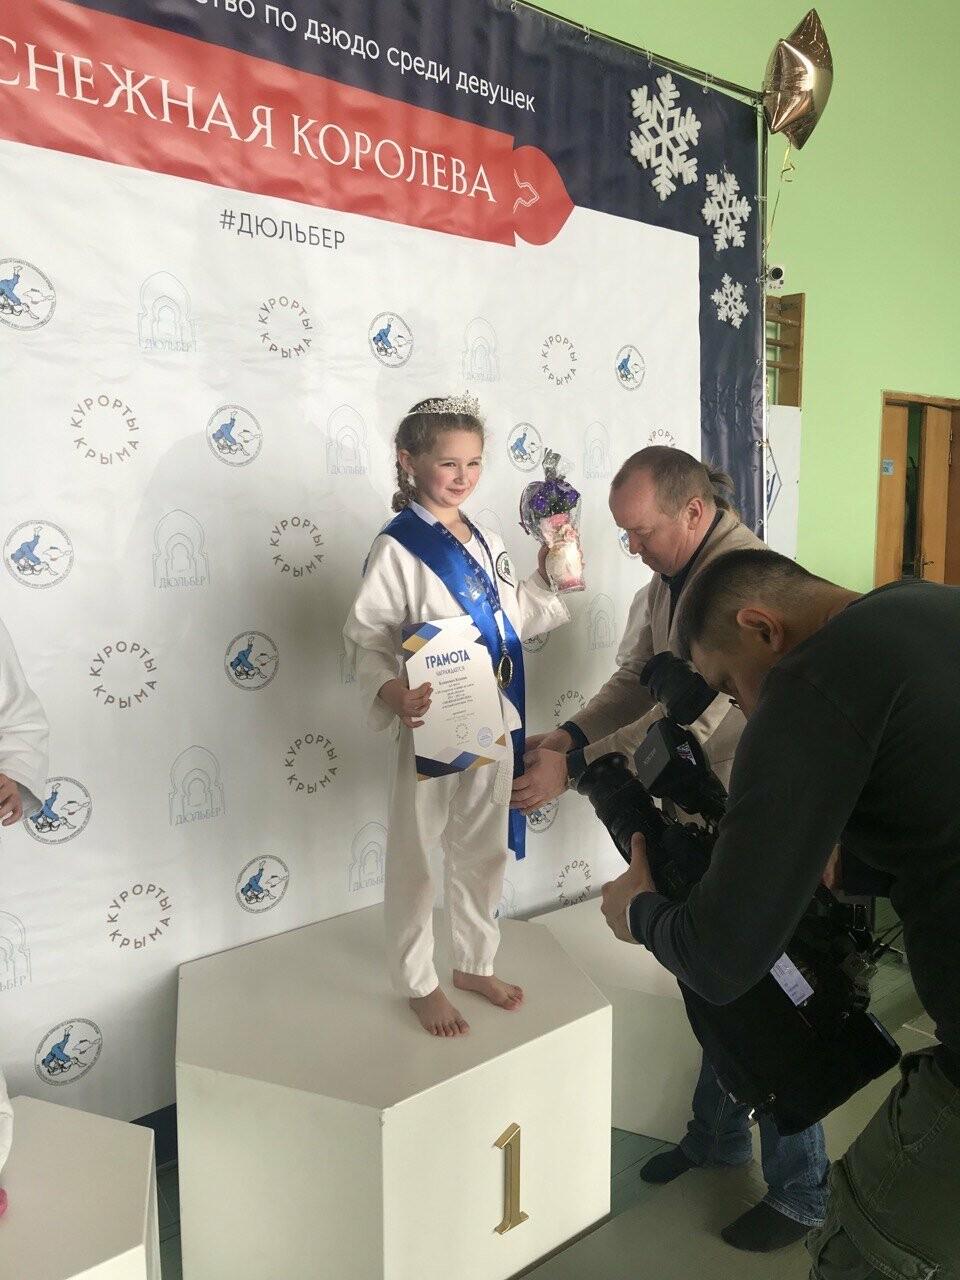 Двадцать четыре  «Снежные Королевы»: в санатории  «Дюльбер»  провели турнир по дзюдо, фото-3